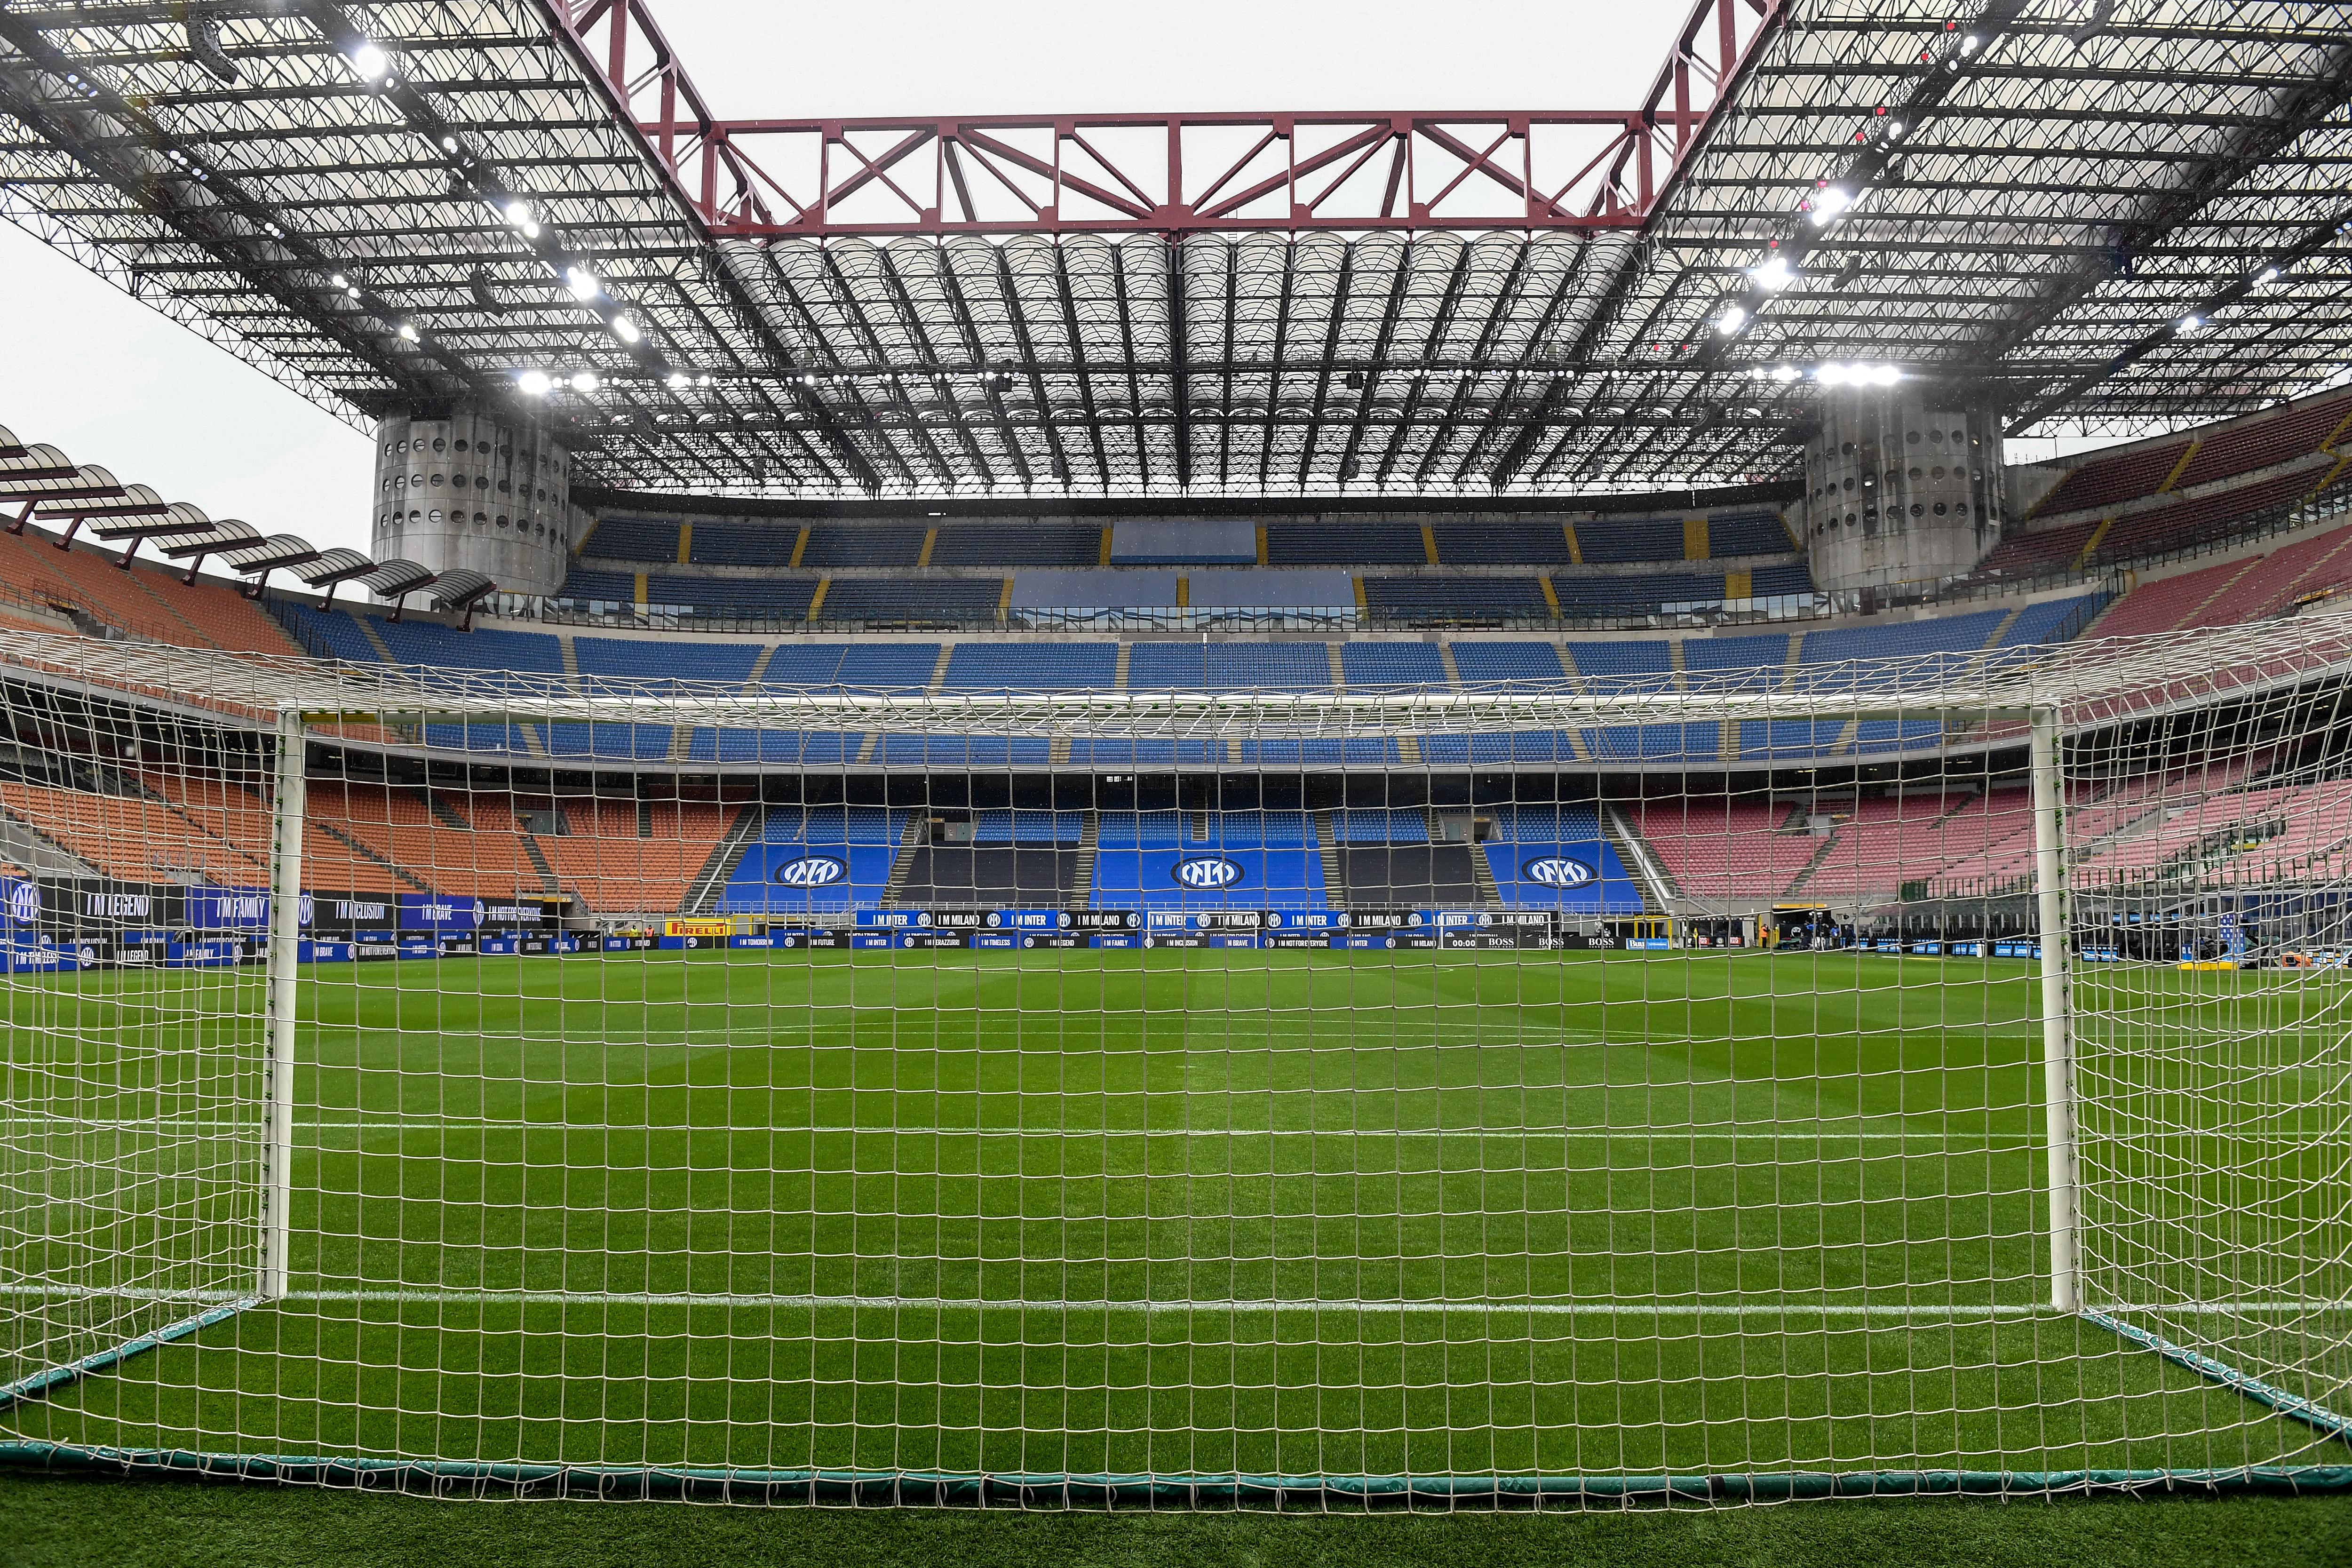 在国际足球俱乐部和卡利亚里足球俱乐部的意甲比赛之前,体育场的新标志可以通过足球球门看到。